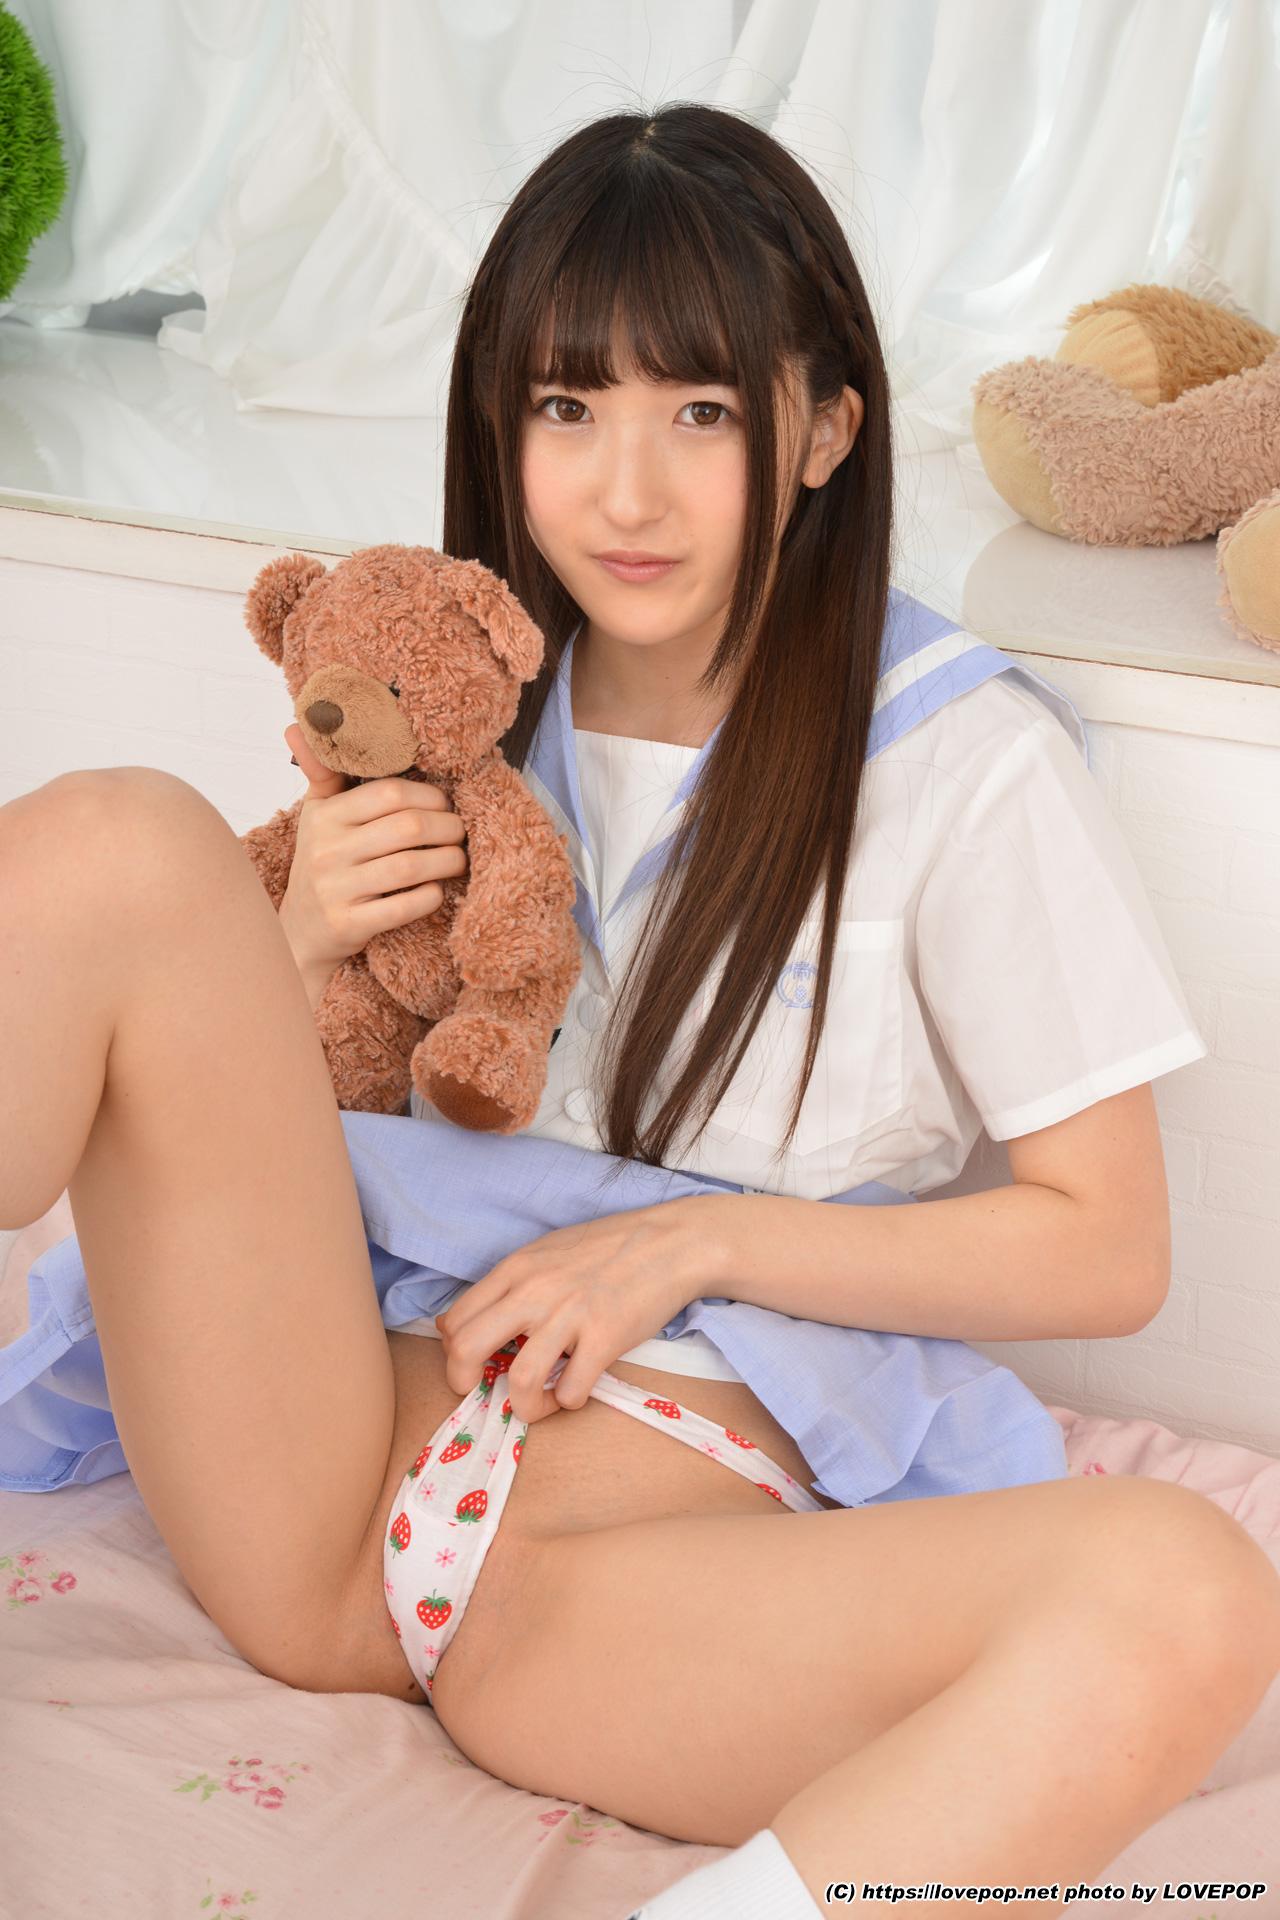 [LOVEPOP] Hono Ukumori 鵜久森ほの Photoset 01 [48.3 Mb] jav av image download